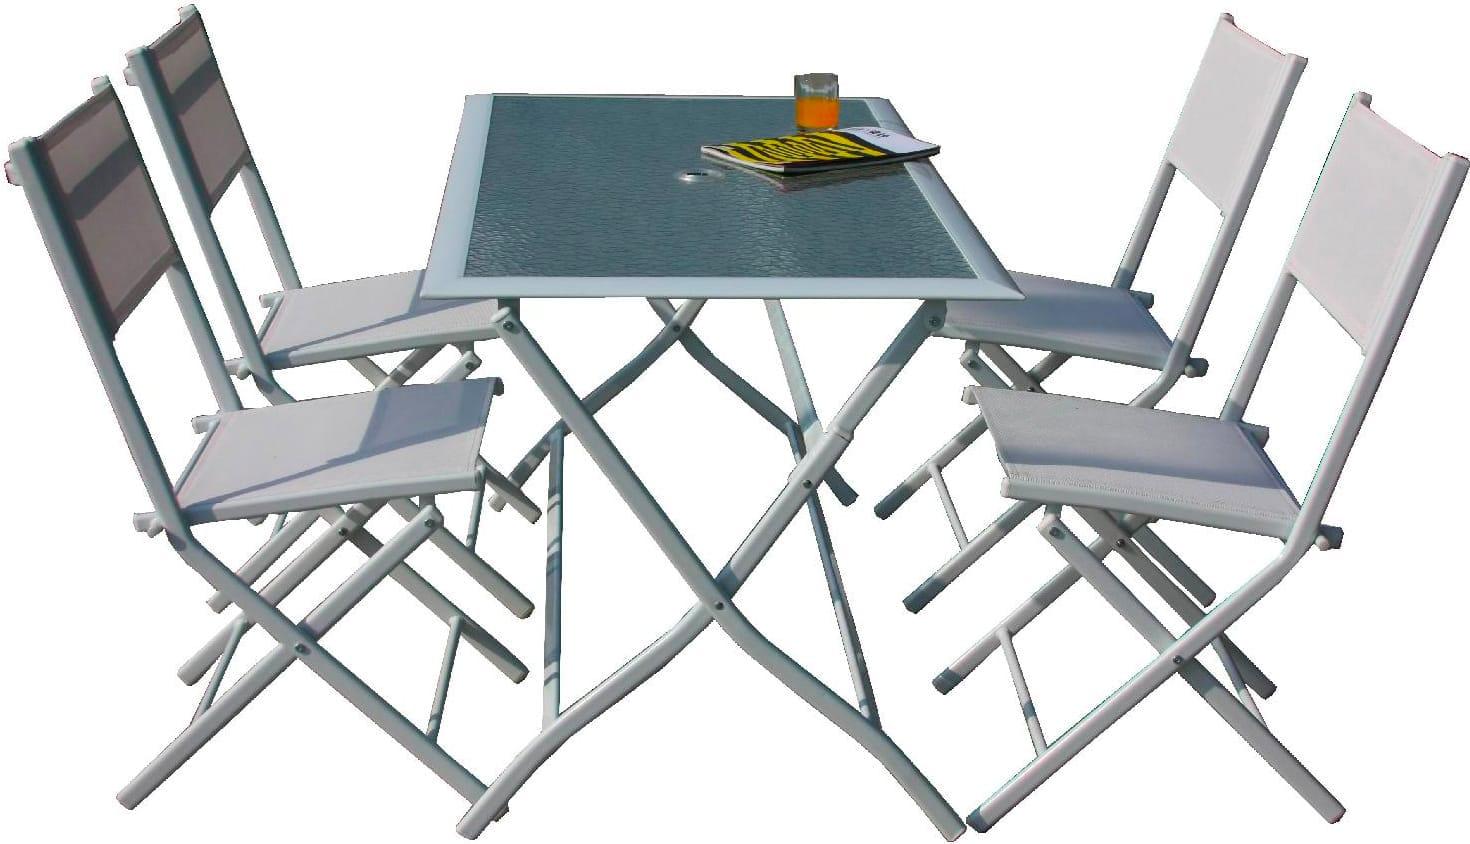 Tavolo Da Giardino Con Sedie Tavolo Pieghevole 4 Sedie Astrowh G Del Re Ebay